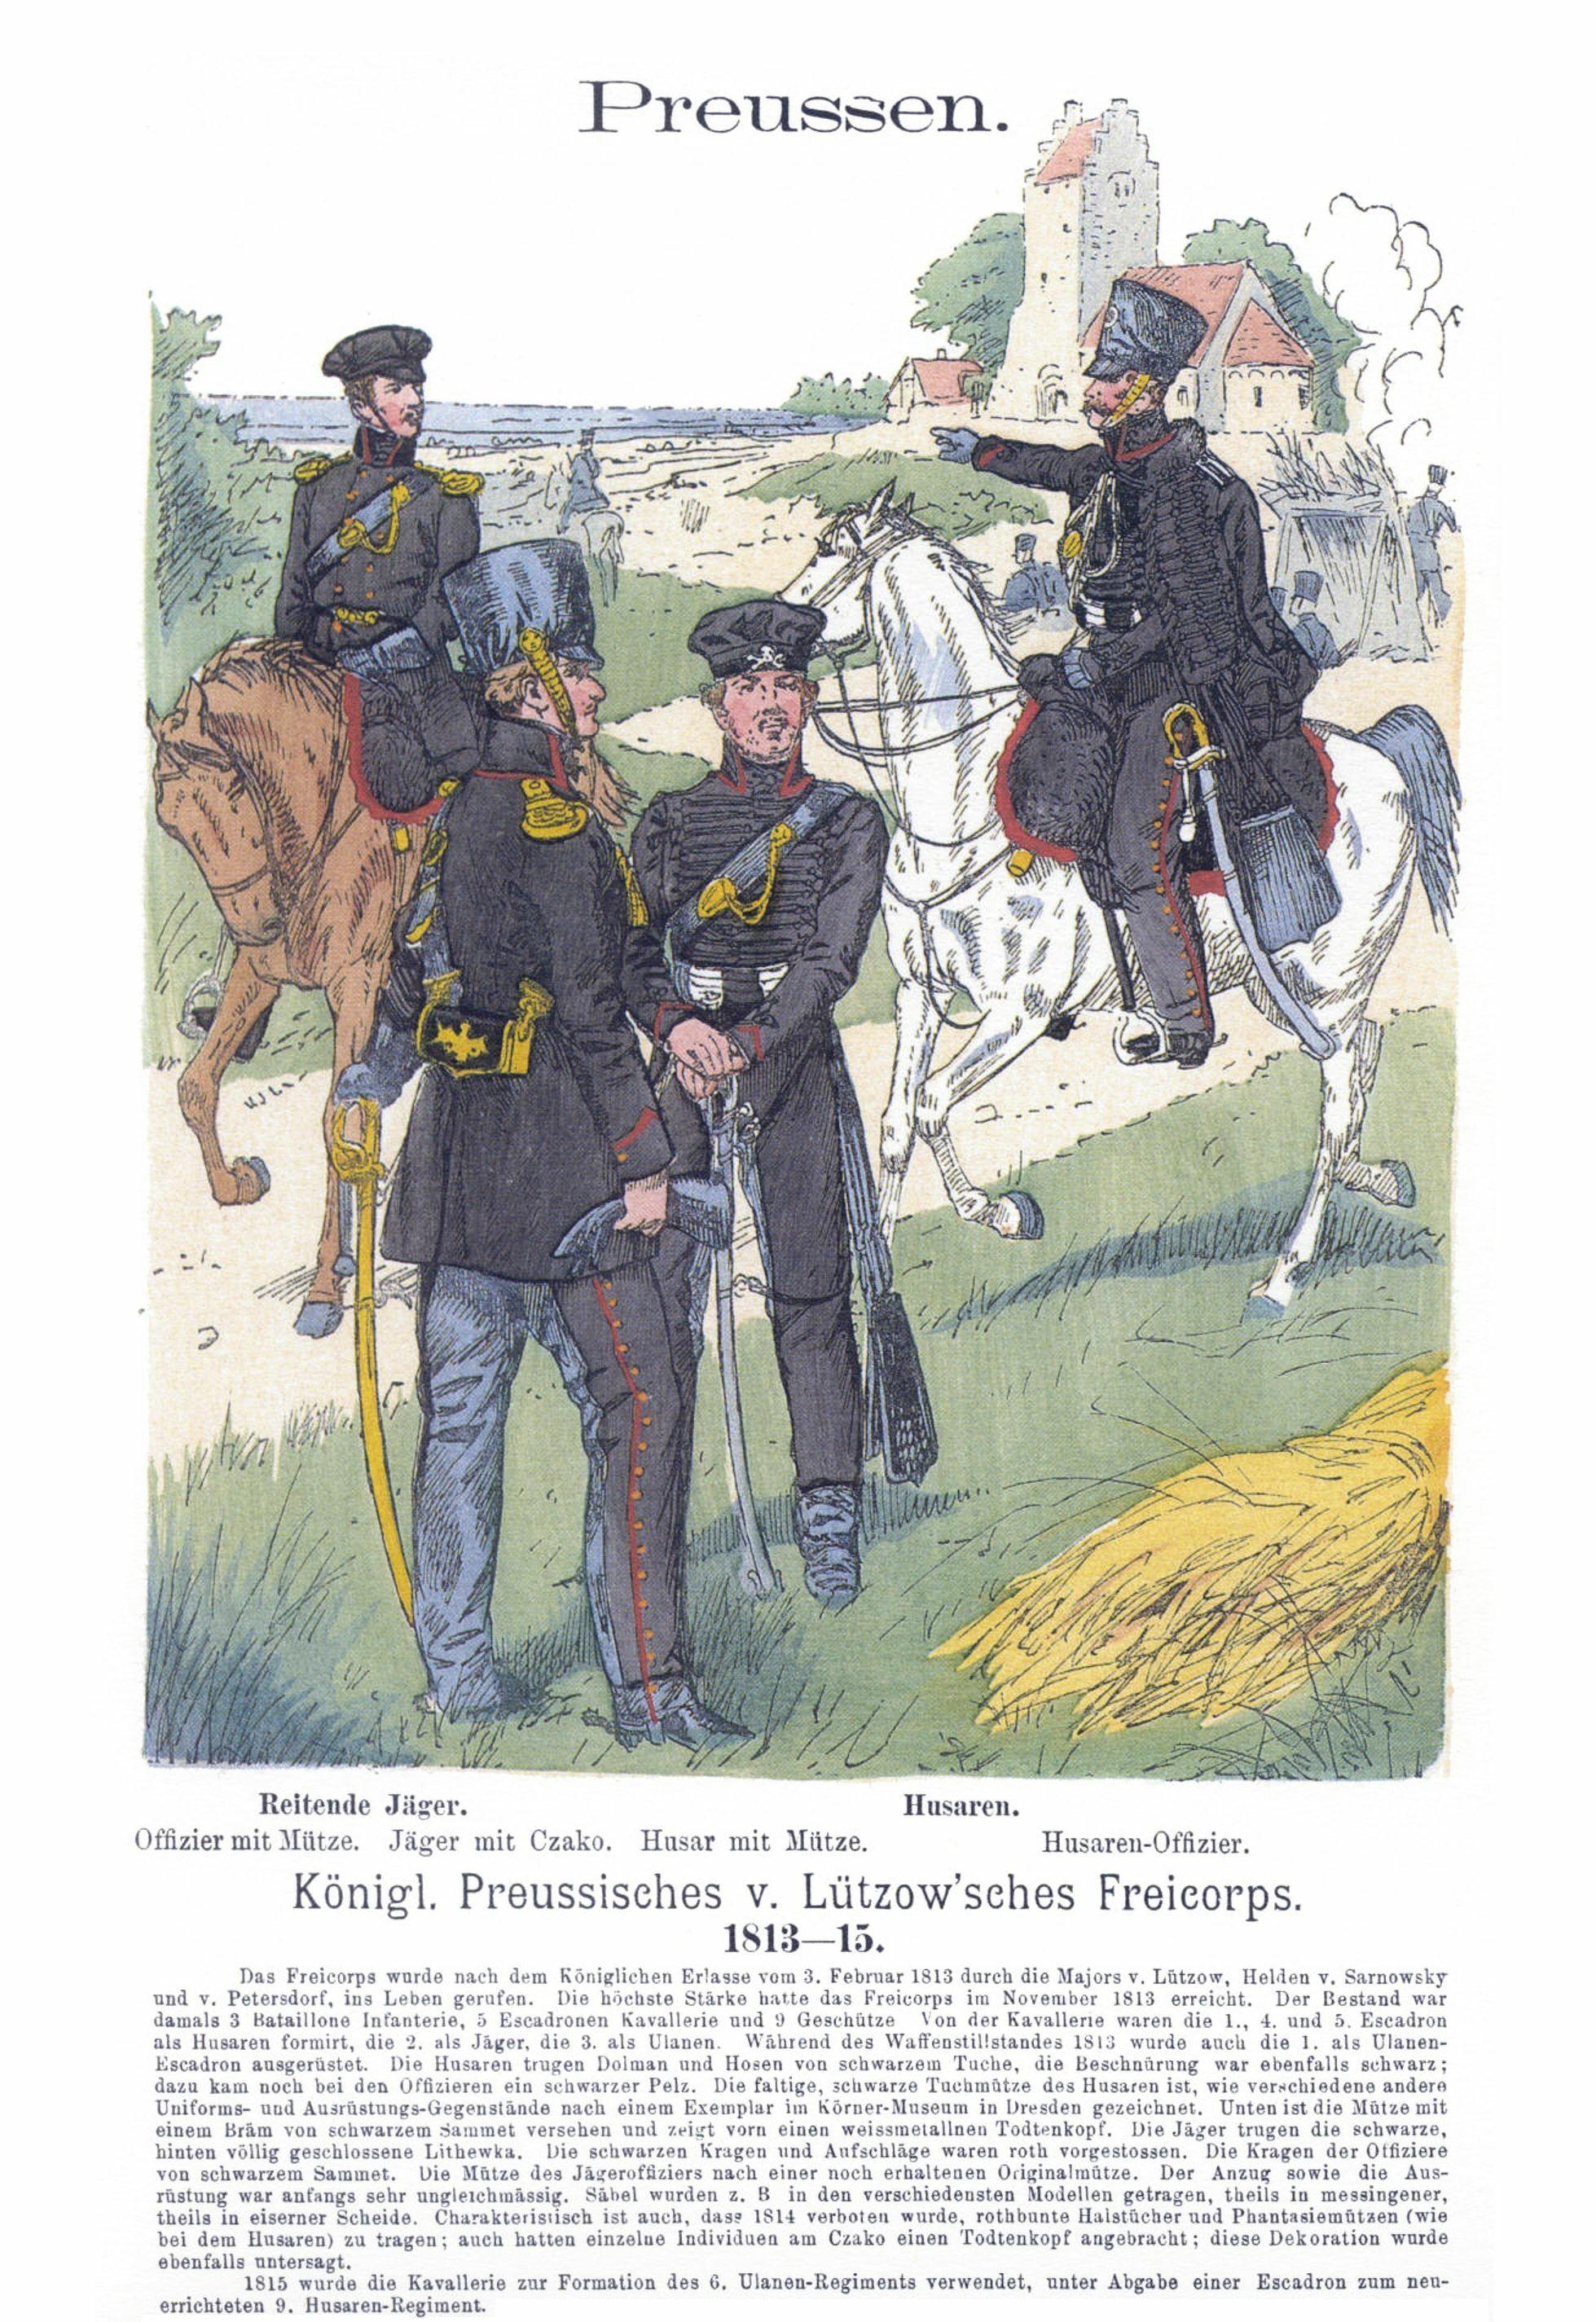 Uniformen des Lützowschen Freikorps